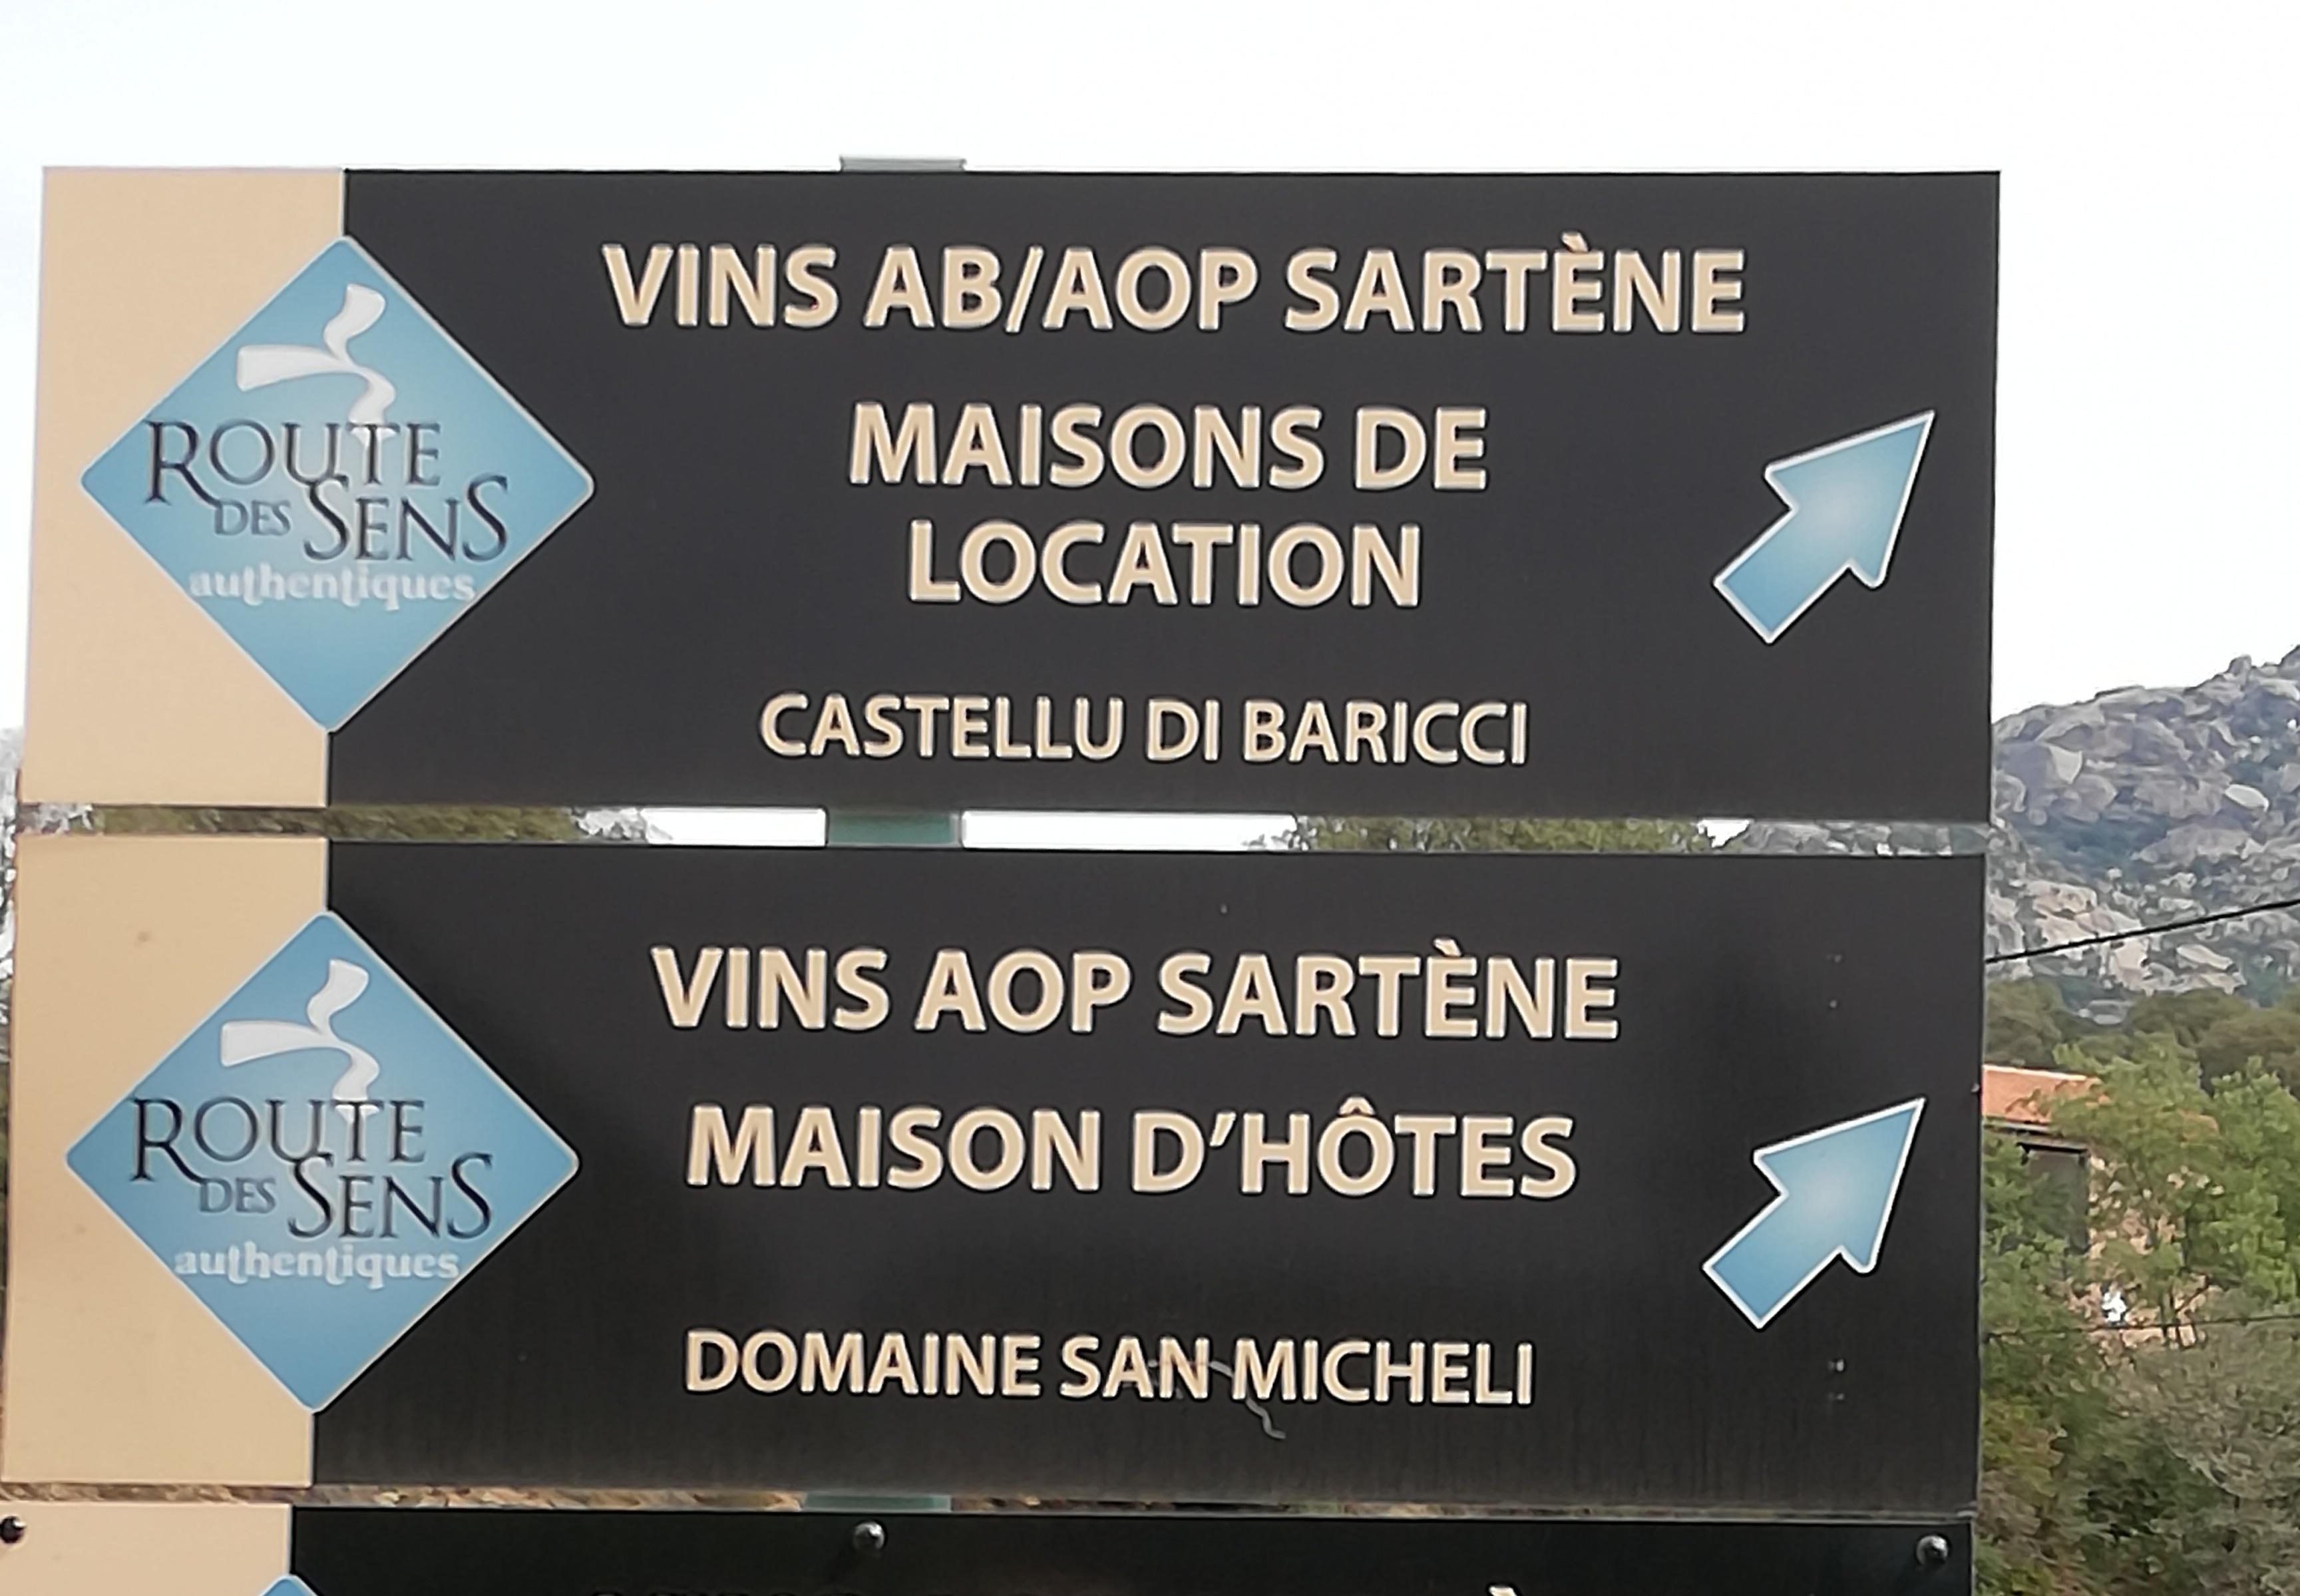 Vins et maison d'hôtes Route des sens Corse